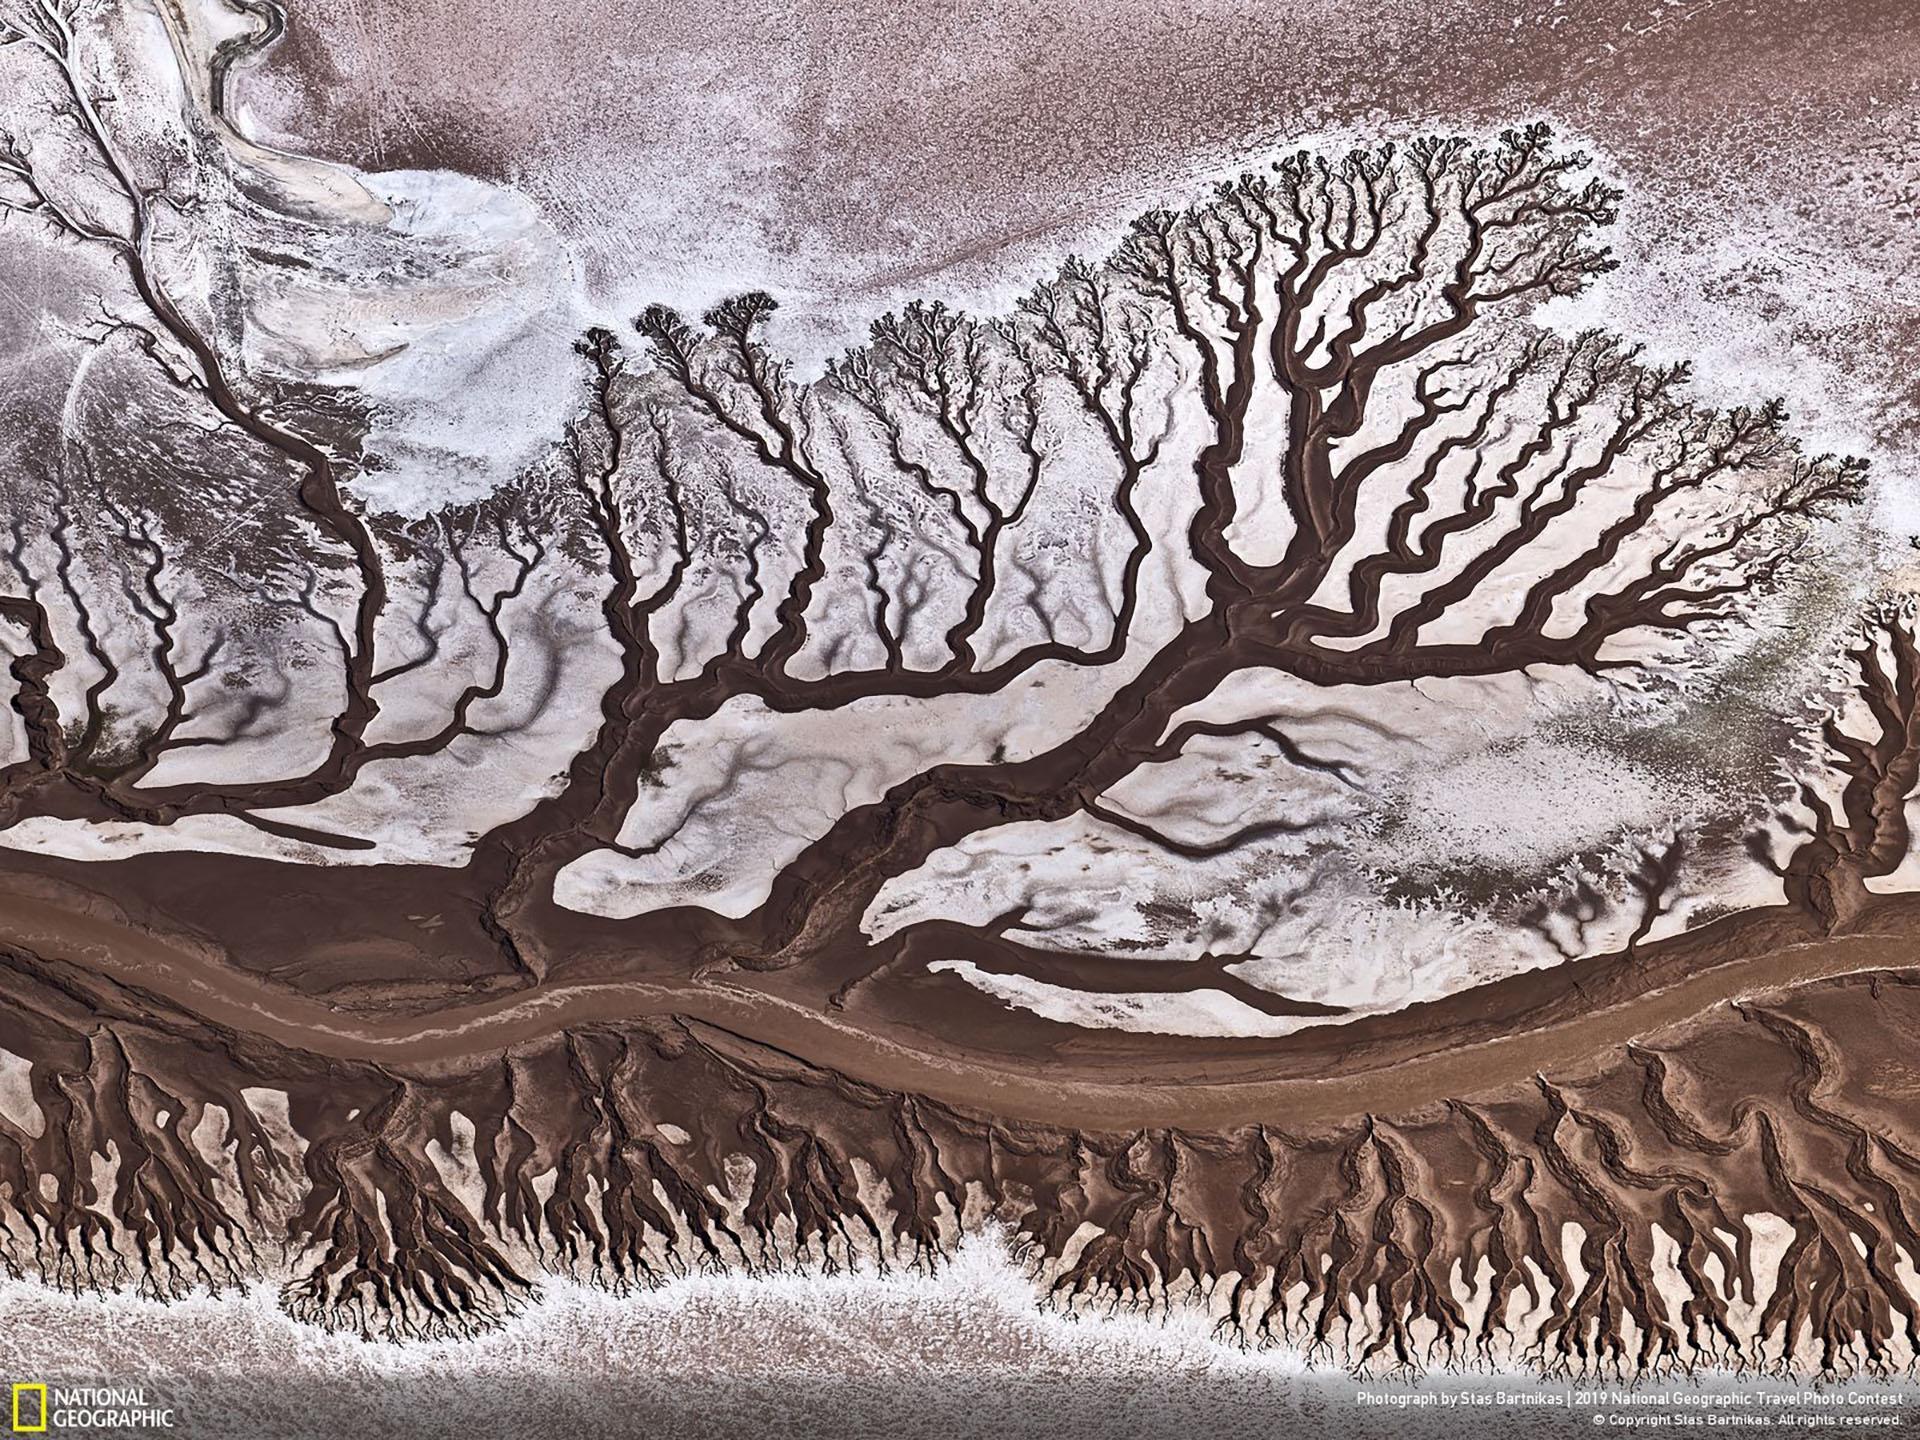 """""""Río Colorado"""", por Stas Bartnikas: """"Como es sabido, el río Colorado es muy poco profundo debido al uso activo de su agua para fines agrícolas. Y cuando llega al océano en México está casi seco. La toma aérea fue tomada desde una aeronave Cessna"""". (""""Colorado River"""" / 2019 National Geographic Travel Photo Contest / Categoría: Naturaleza)"""